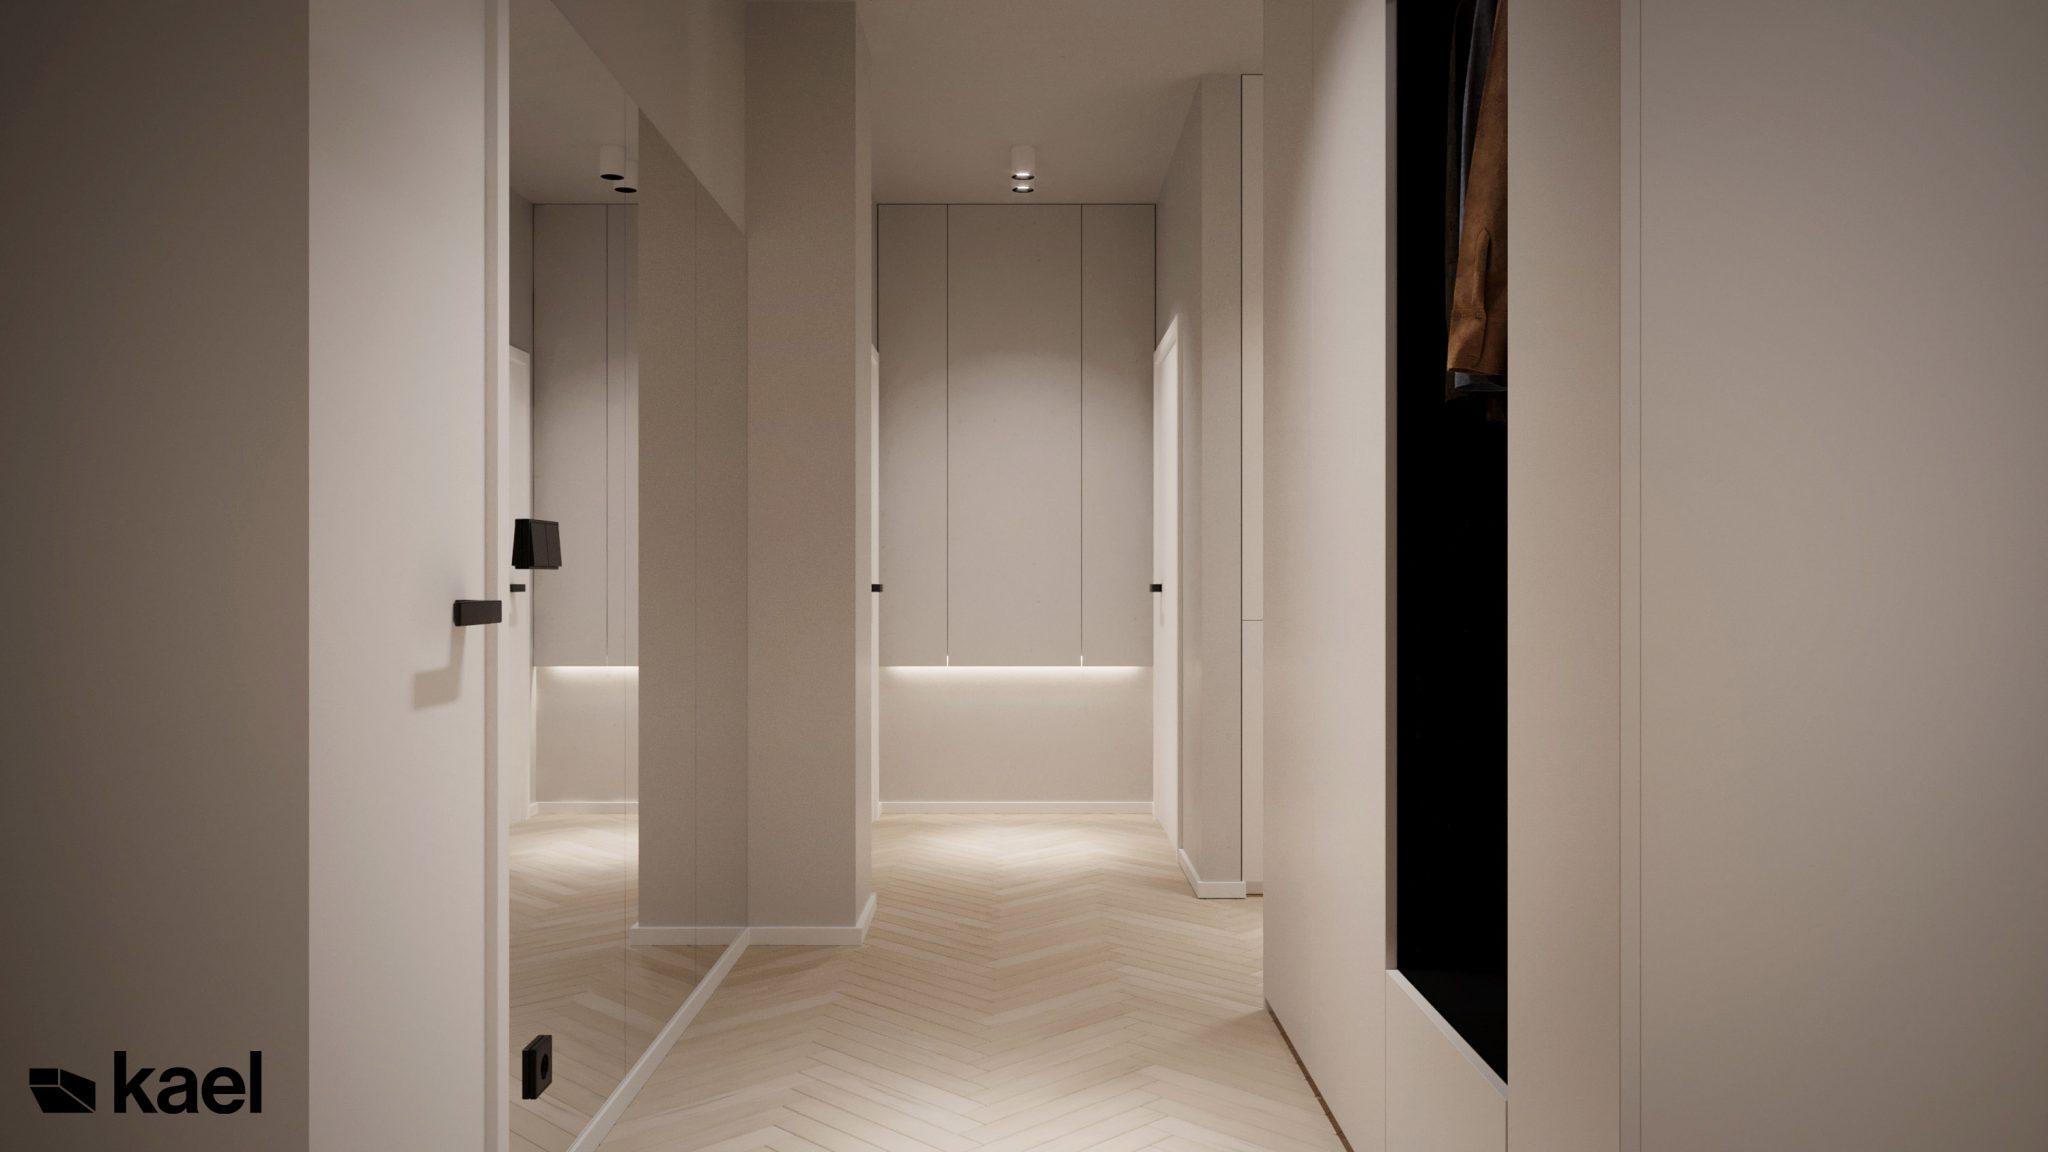 Hol - Figiel - projekt mieszkania - Kael - architekt Warszawa